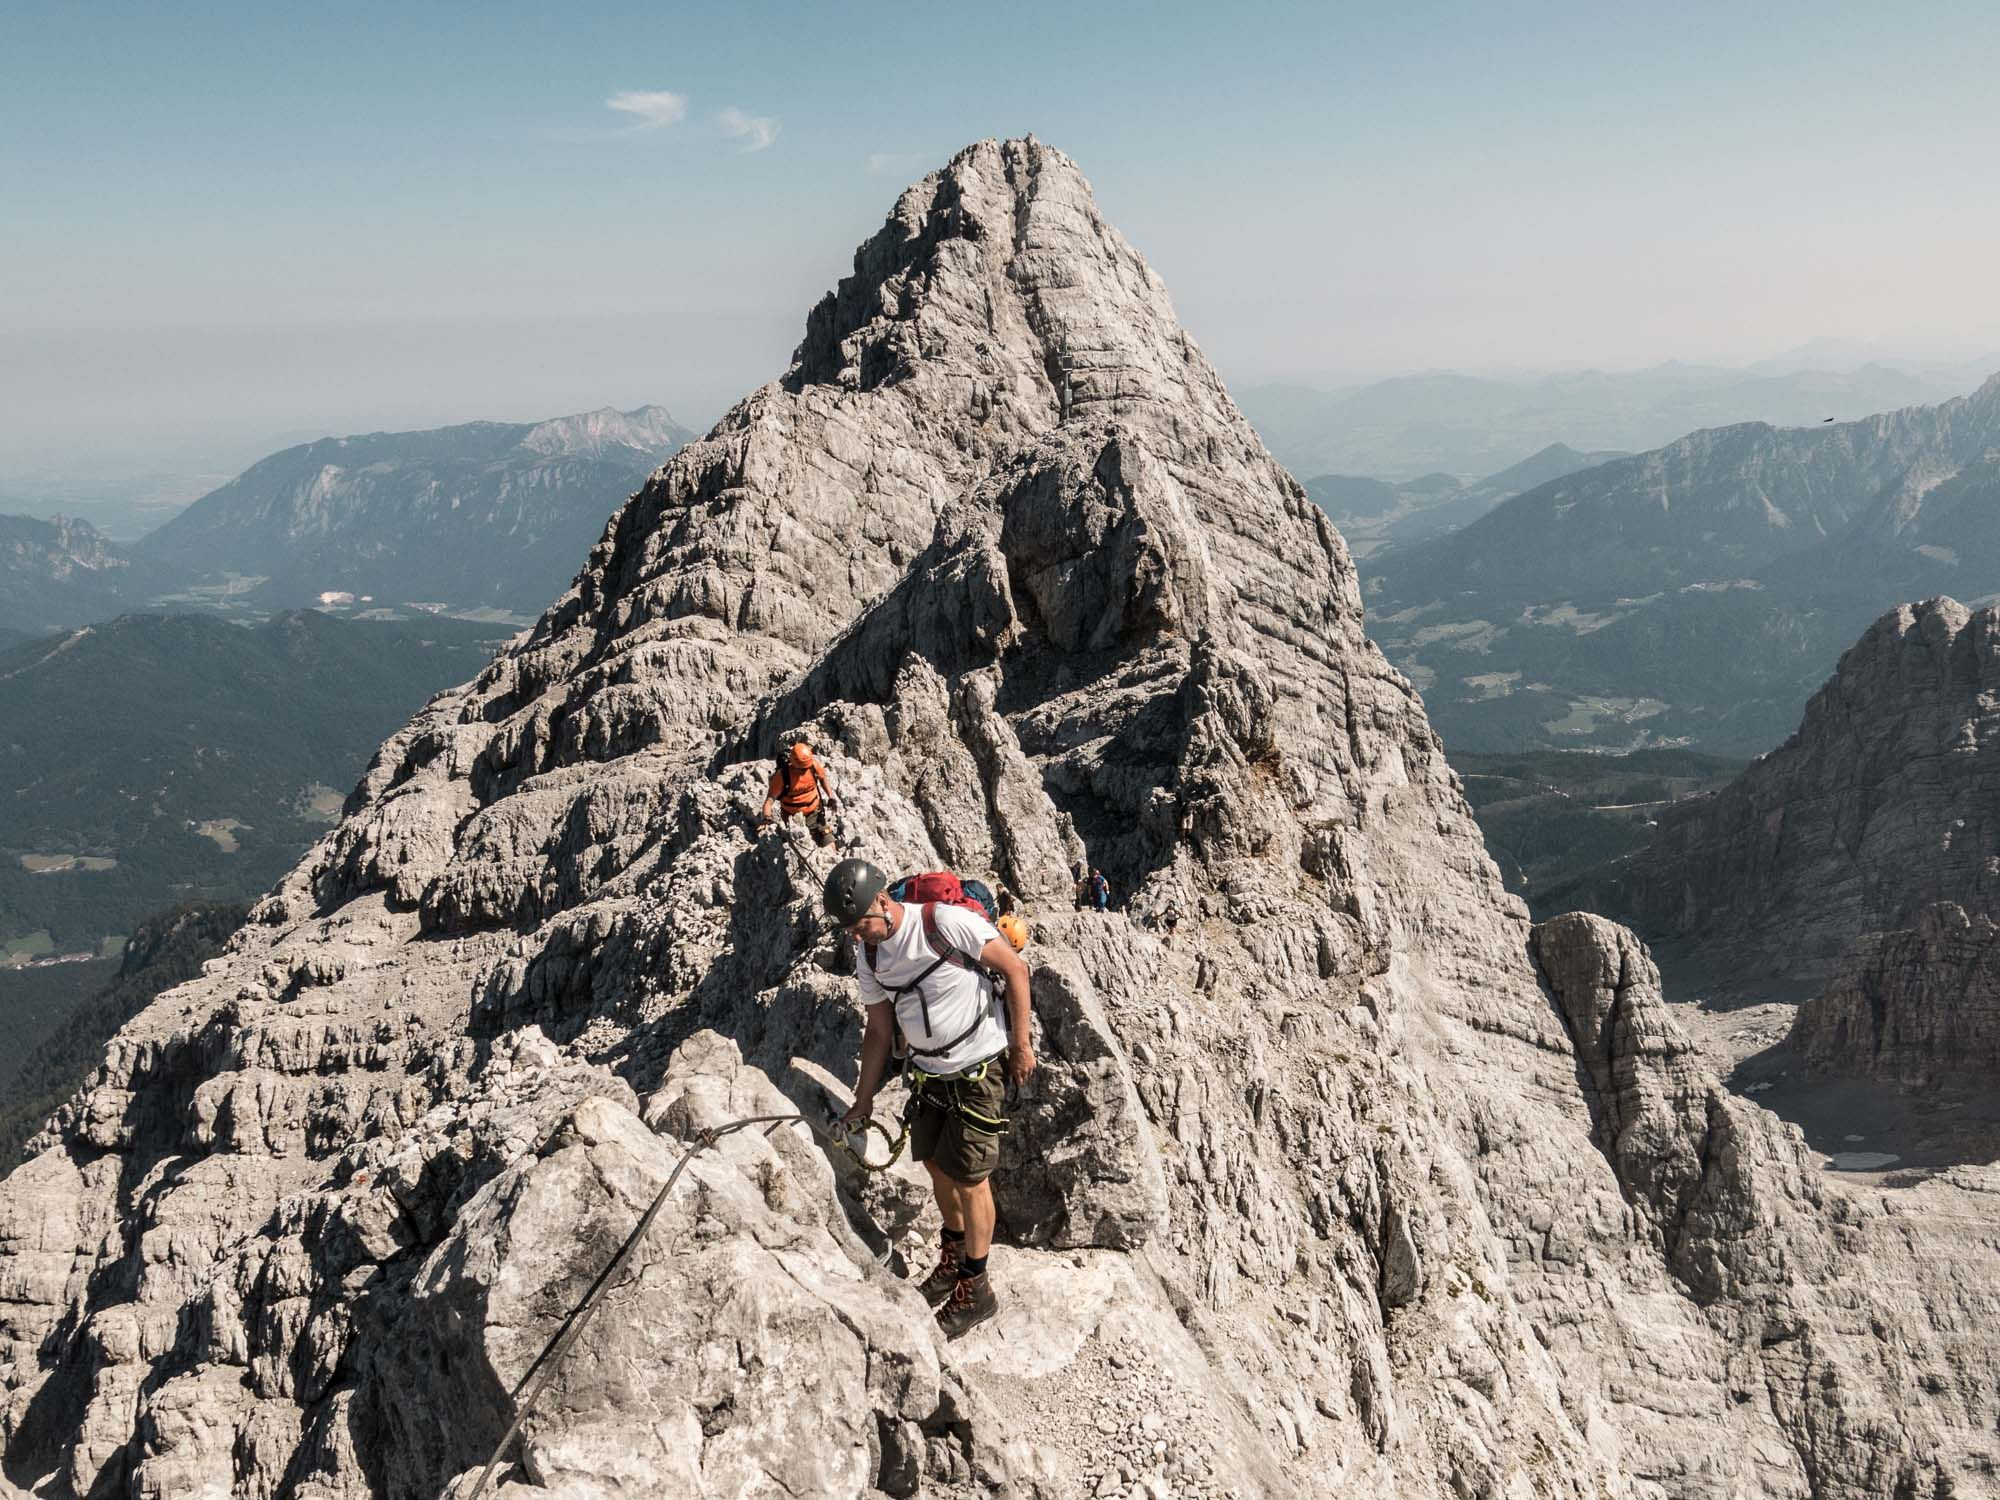 Klettersteig Watzmann : Watzmann Überschreitung klettersteig mit bergführer